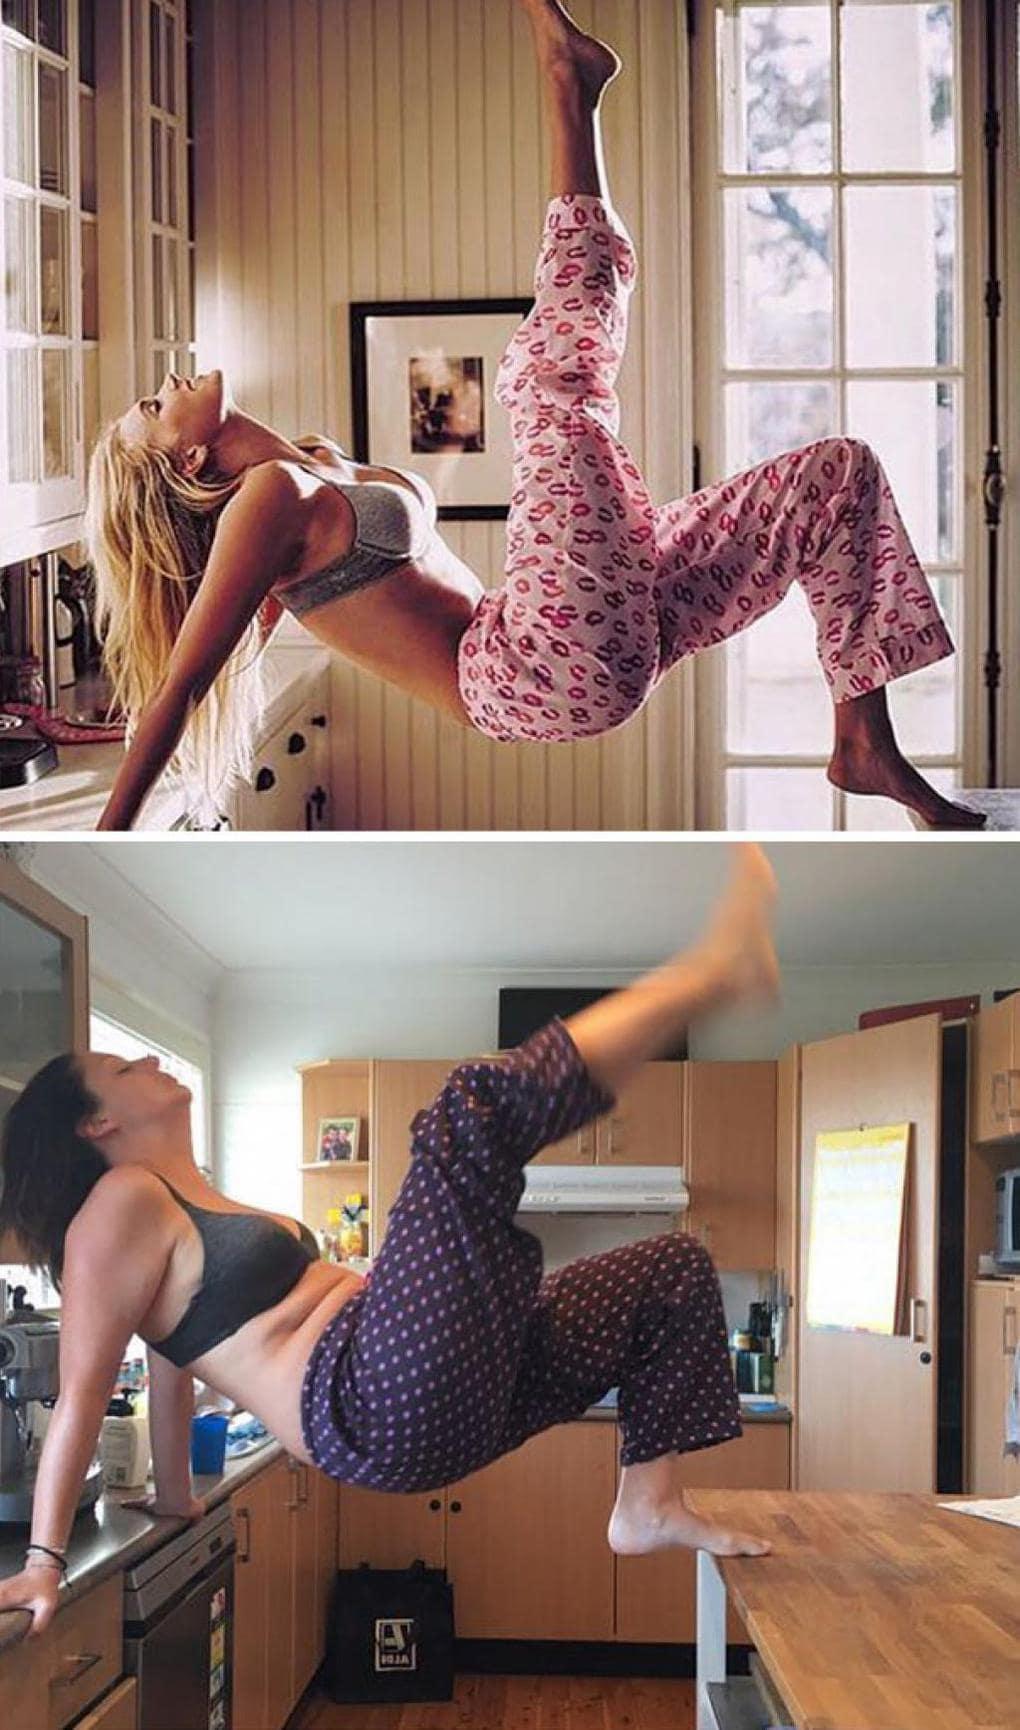 Как делают такие фото девушек